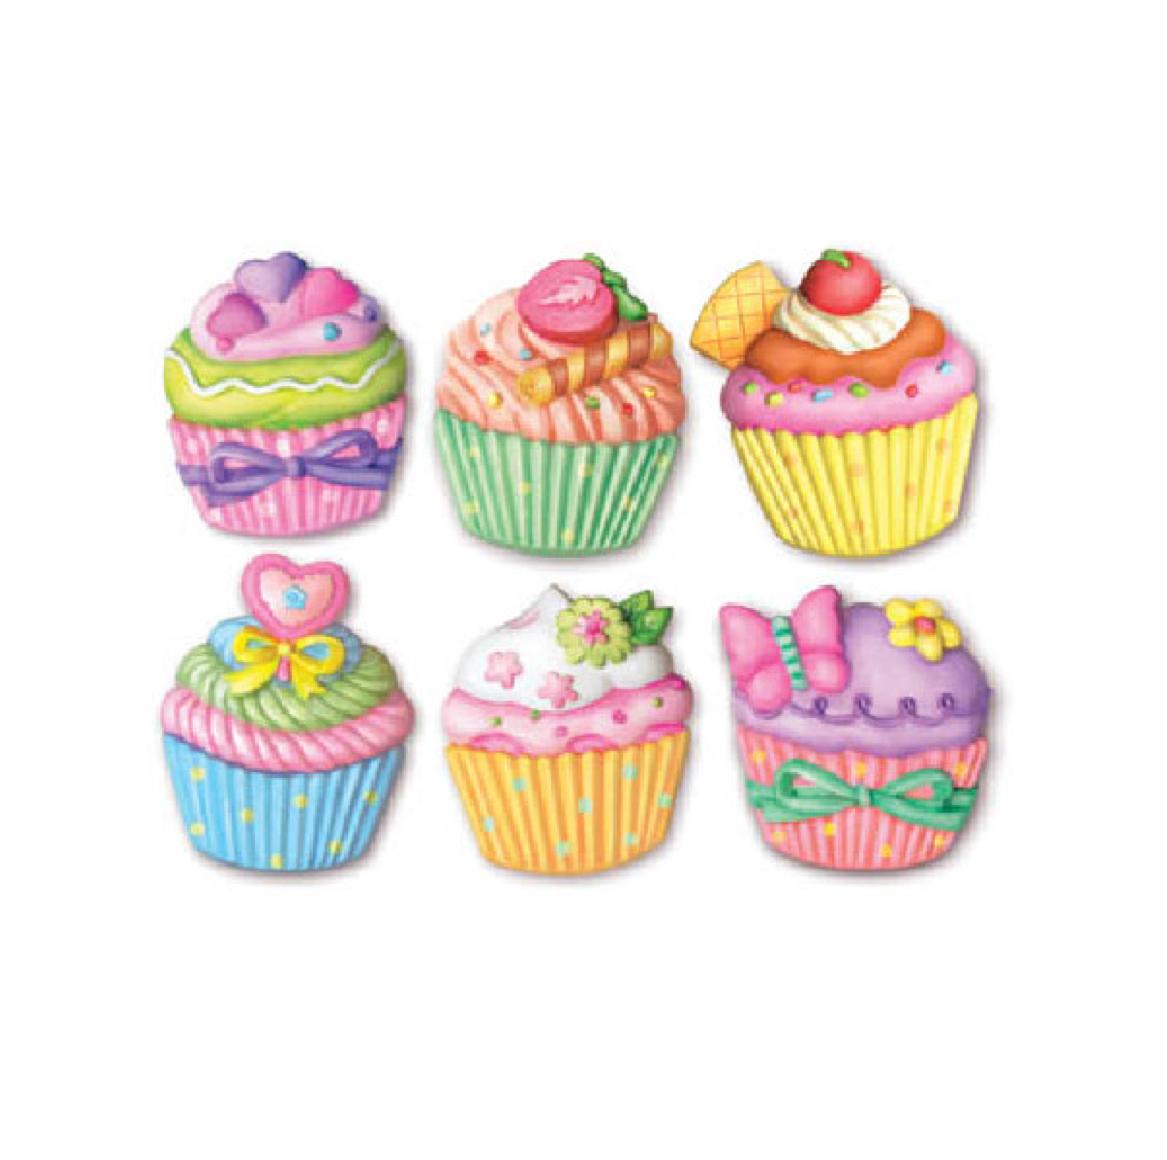 moldea-y-pinta-cupcakes-de-4m-en-el-mundo-de-mico-2